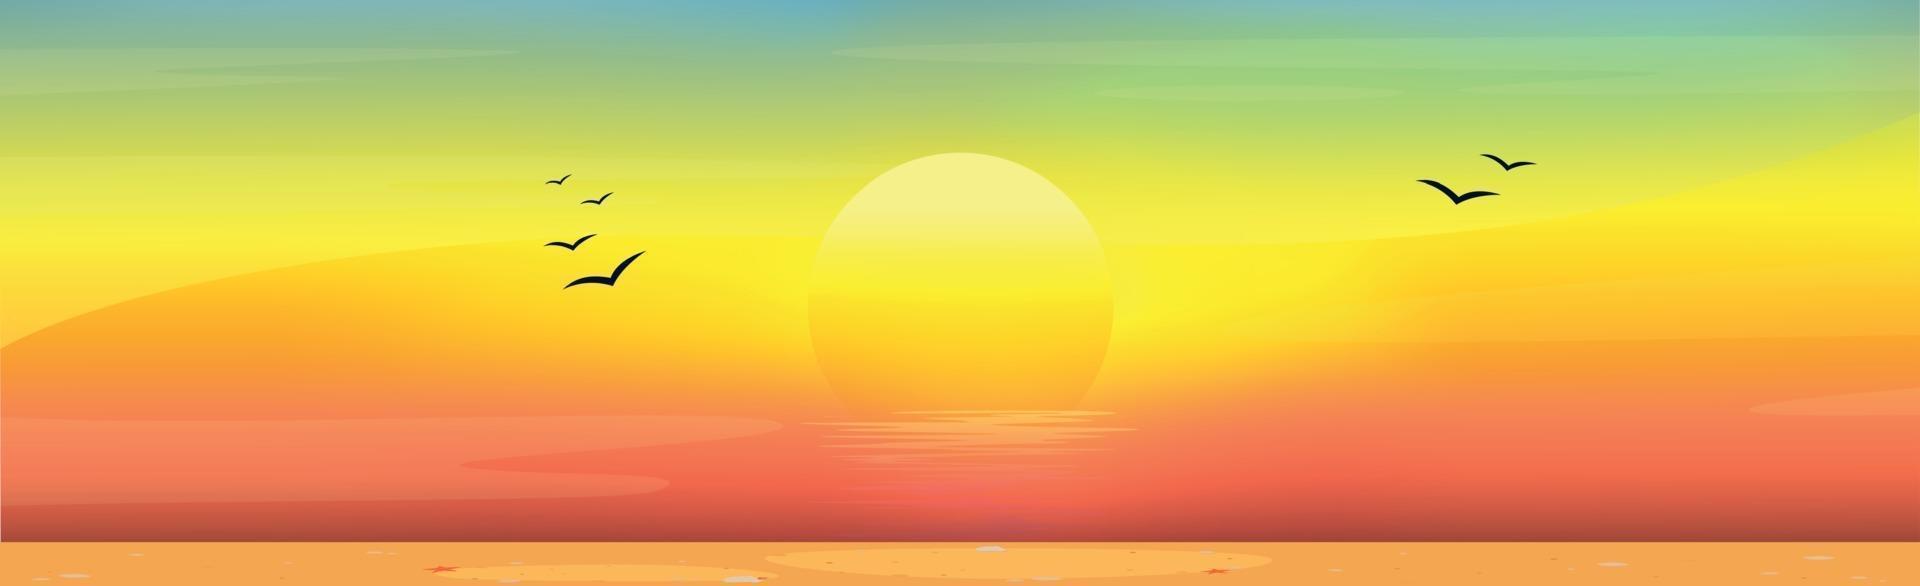 illustrazione di una soleggiata spiaggia di sabbia al tramonto vettore